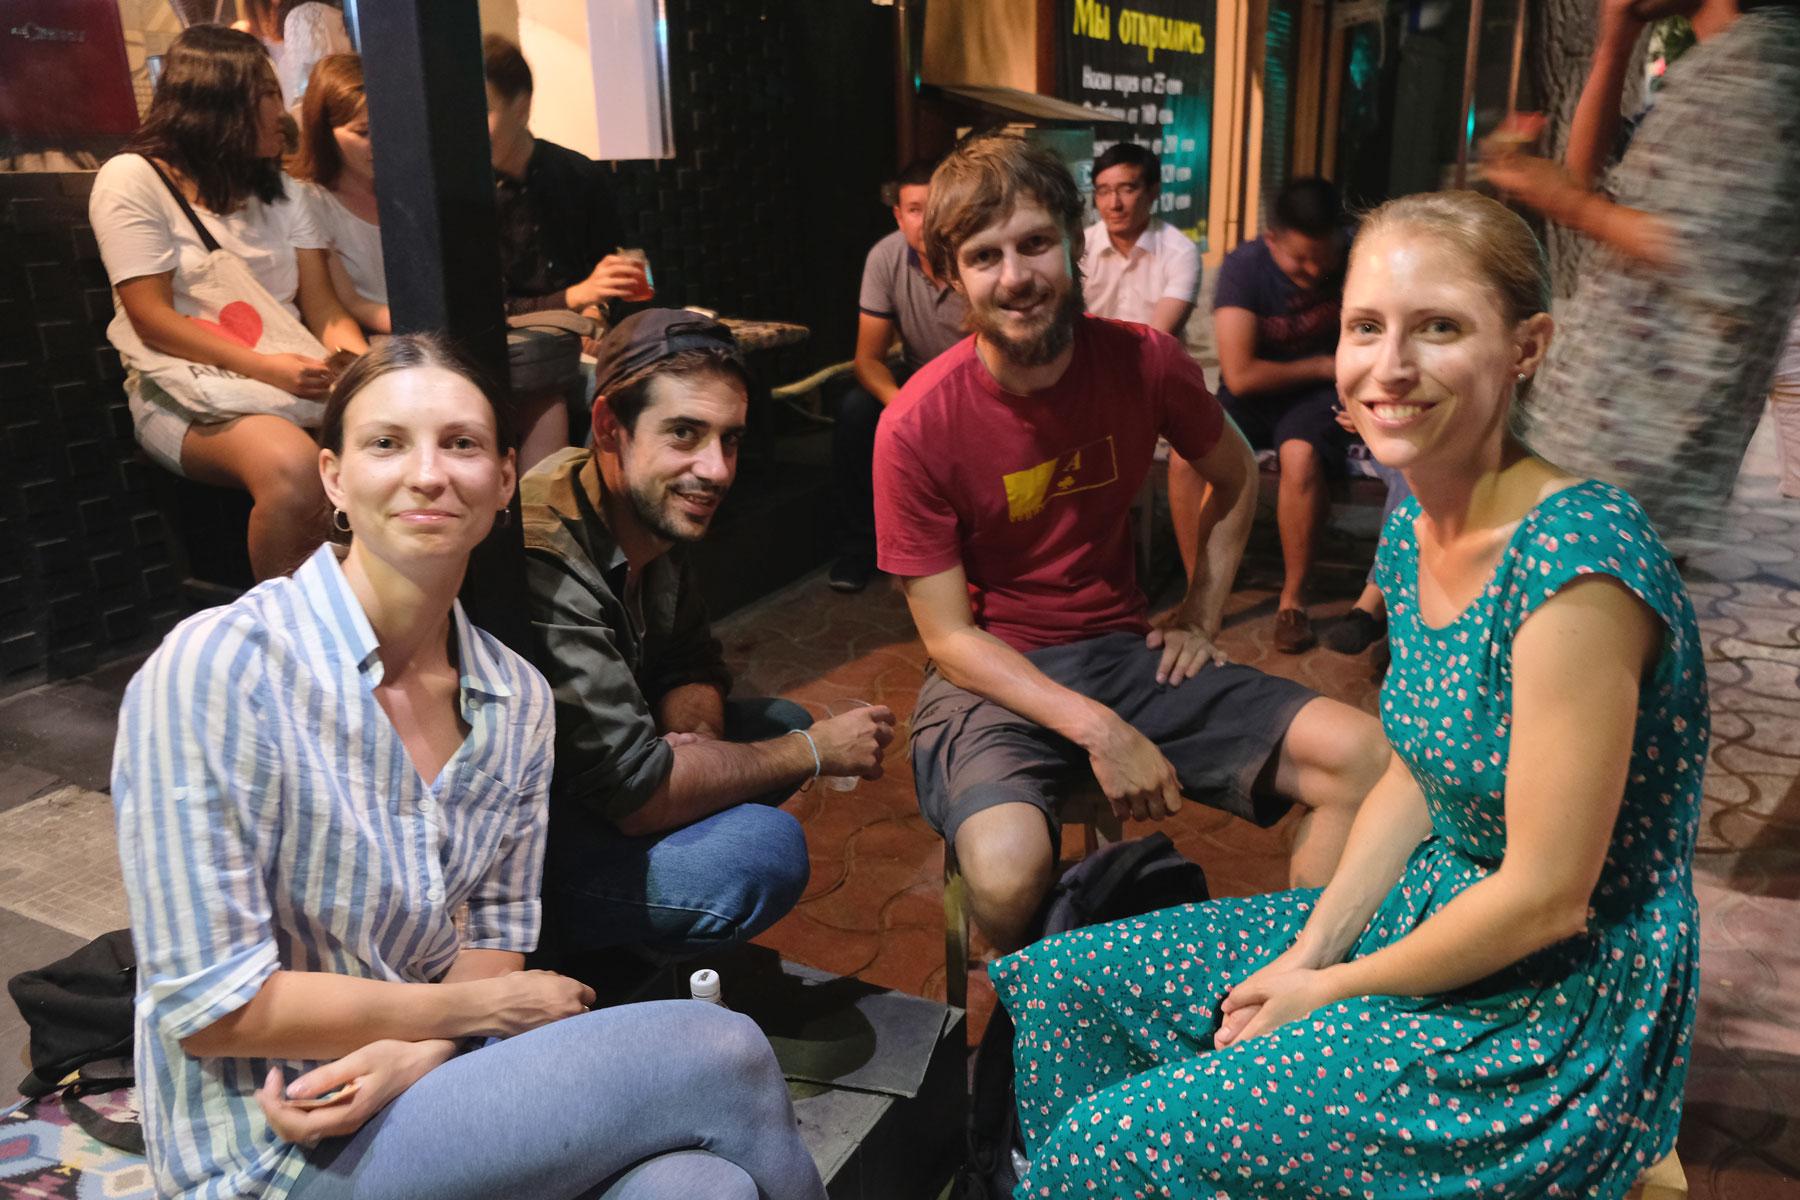 Mit Sasha und einem Freund von ihr lassen wir den Abend in einer gemütlichen, kleinen Bar in Bishkek ausklingen